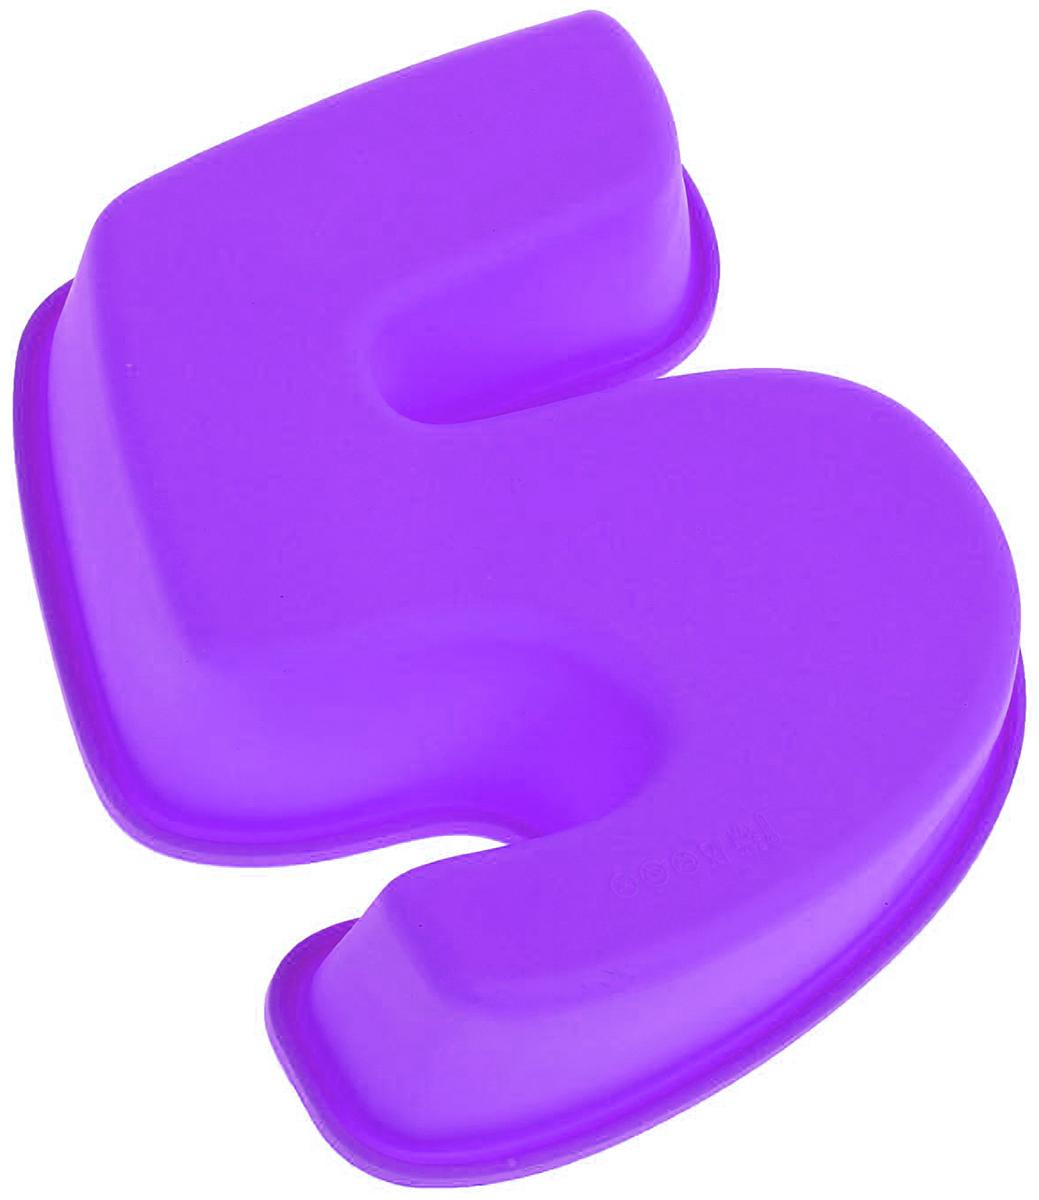 Форма для выпечки Доляна Цифра пять, цвет: фиолетовый, 25 х 22 х 5 см1403905_фиолетовыйФорма для выпечки из силикона — современное решение для практичных и радушных хозяек. Оригинальный предмет позволяет готовить в духовке любимые блюда из мяса, рыбы, птицы и овощей, а также вкуснейшую выпечку. Почему это изделие должно быть на кухне? блюдо сохраняет нужную форму и легко отделяется от стенок после приготовления; высокая термостойкость (от –40 до 230 ?) позволяет применять форму в духовых шкафах и морозильных камерах; небольшая масса делает эксплуатацию предмета простой даже для хрупкой женщины; силикон пригоден для посудомоечных машин; высокопрочный материал делает форму долговечным инструментом; при хранении предмет занимает мало места. Советы по использованию формы Перед первым применением промойте предмет тёплой водой. В процессе приготовления используйте кухонный инструмент из дерева, пластика или силикона. Перед извлечением блюда из силиконовой формы дайте ему немного остыть, осторожно отогните края предмета. Готовьте с удовольствием!